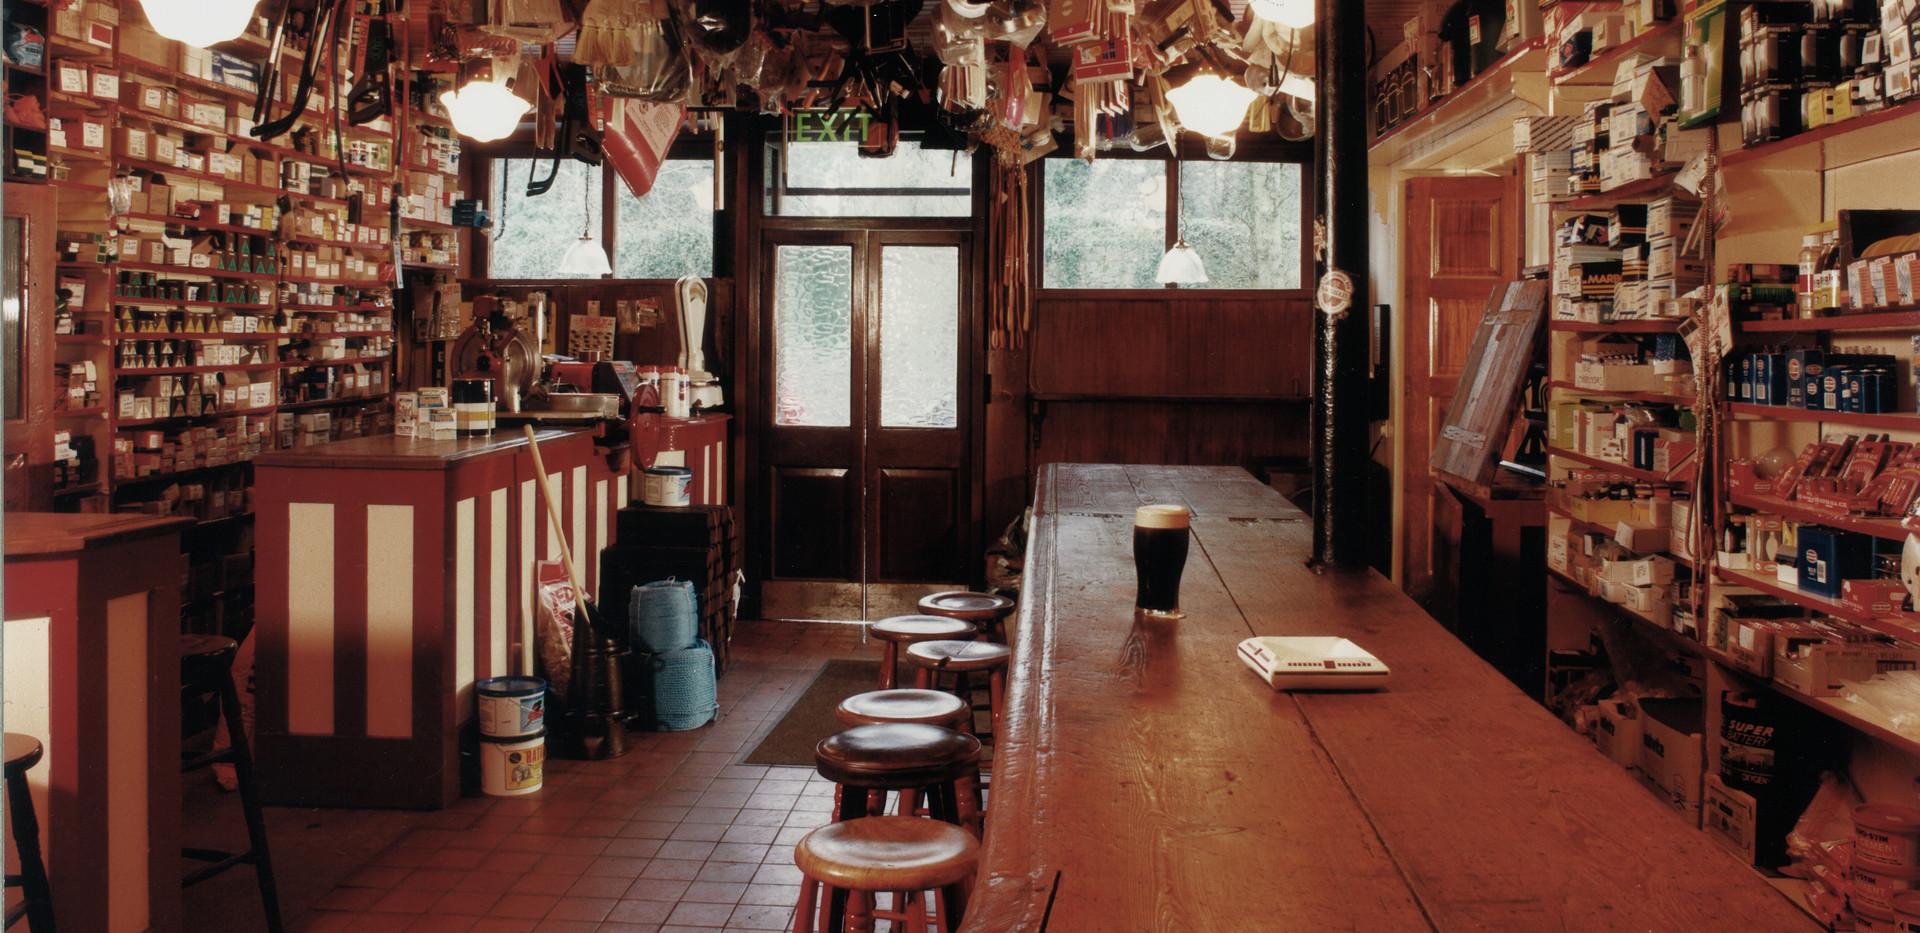 O'Shea's Pub, Borris, Co. Carlow, Traditional Irish Pub Desigh & Fit Out, AM Design, Angela Murphy Design Associated Ltd., www.amdesign.ie @amdesignireland